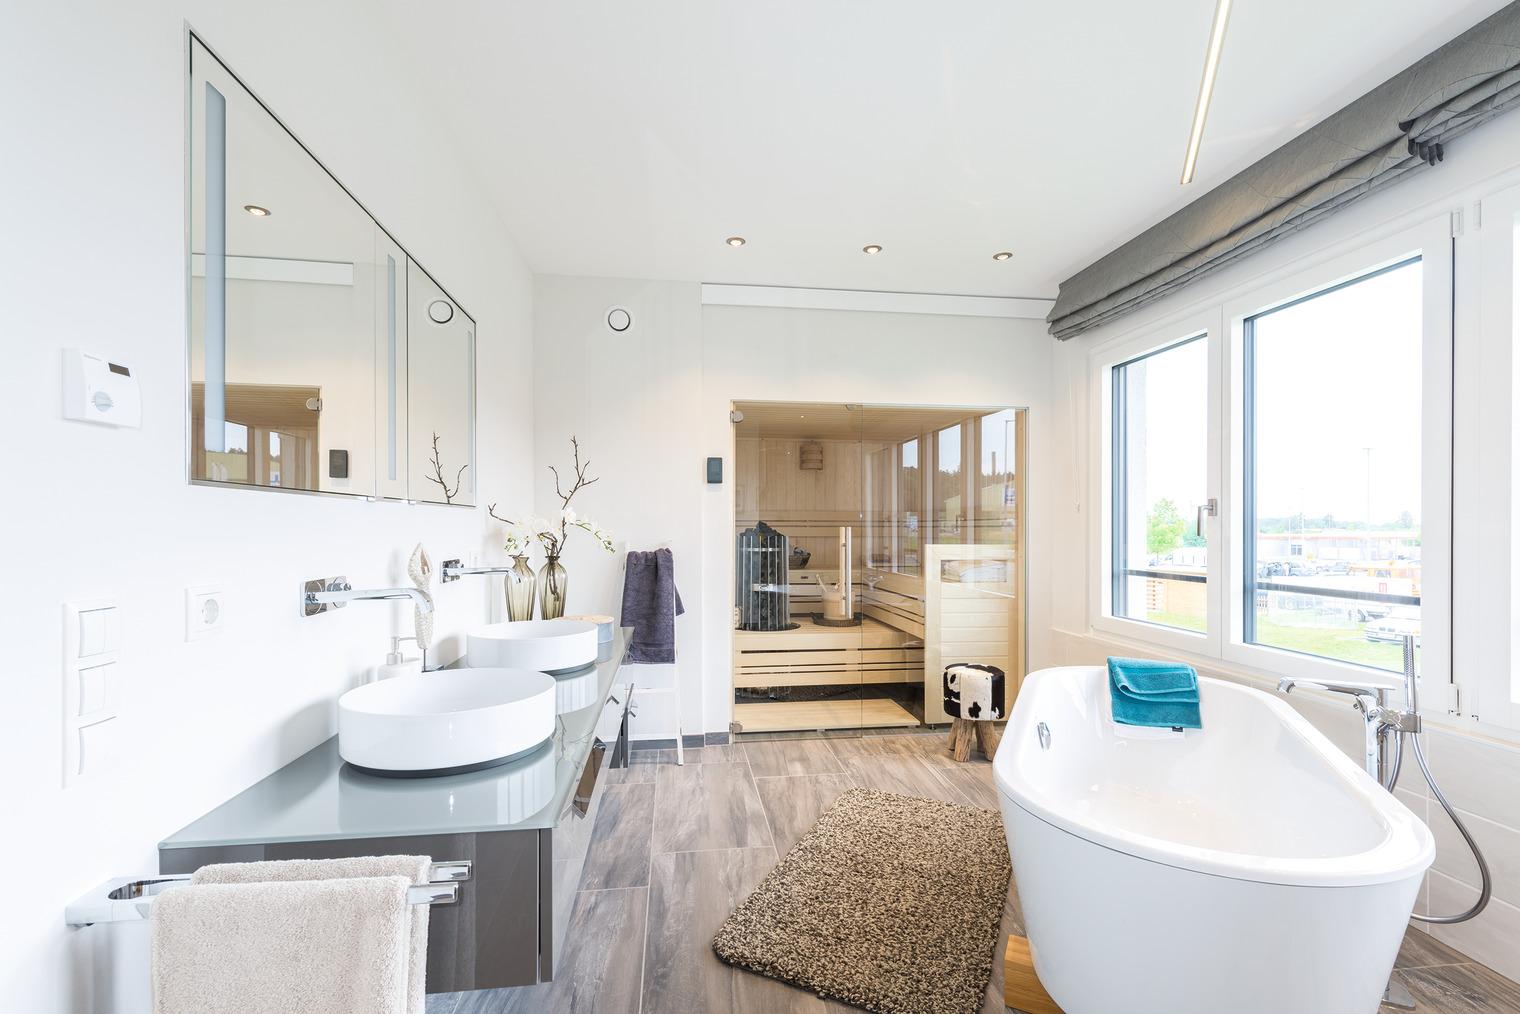 Bad mit freistehender Badewanne